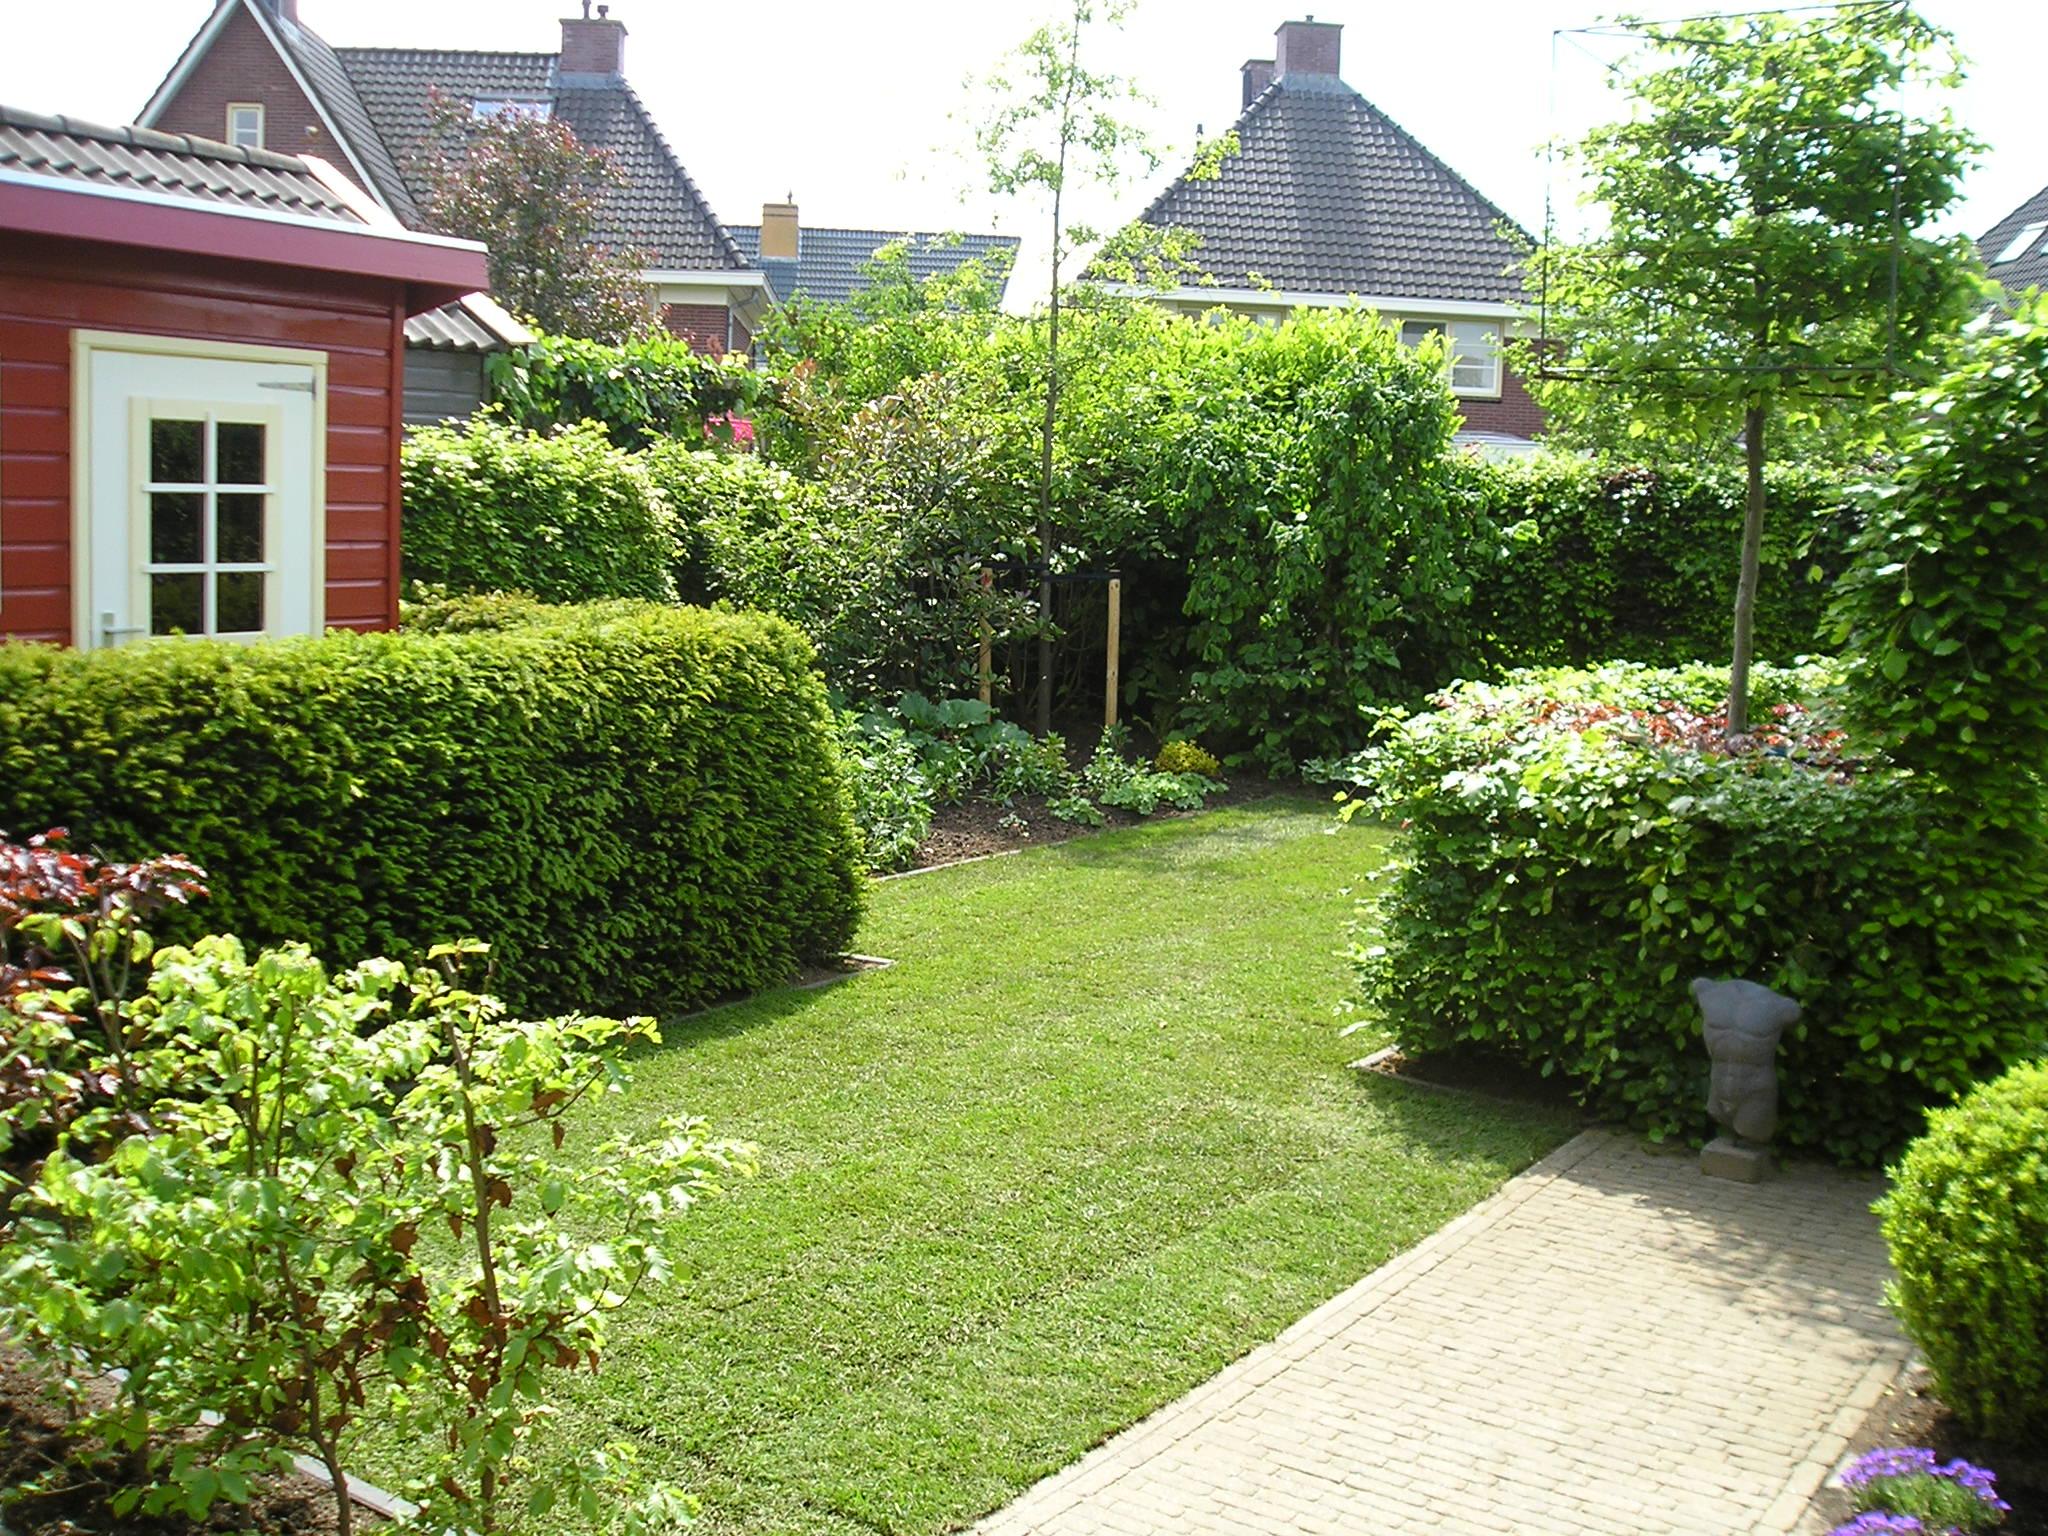 Tegels Leggen Tuin : Kosten tegels leggen tuin mulberry lily prijs